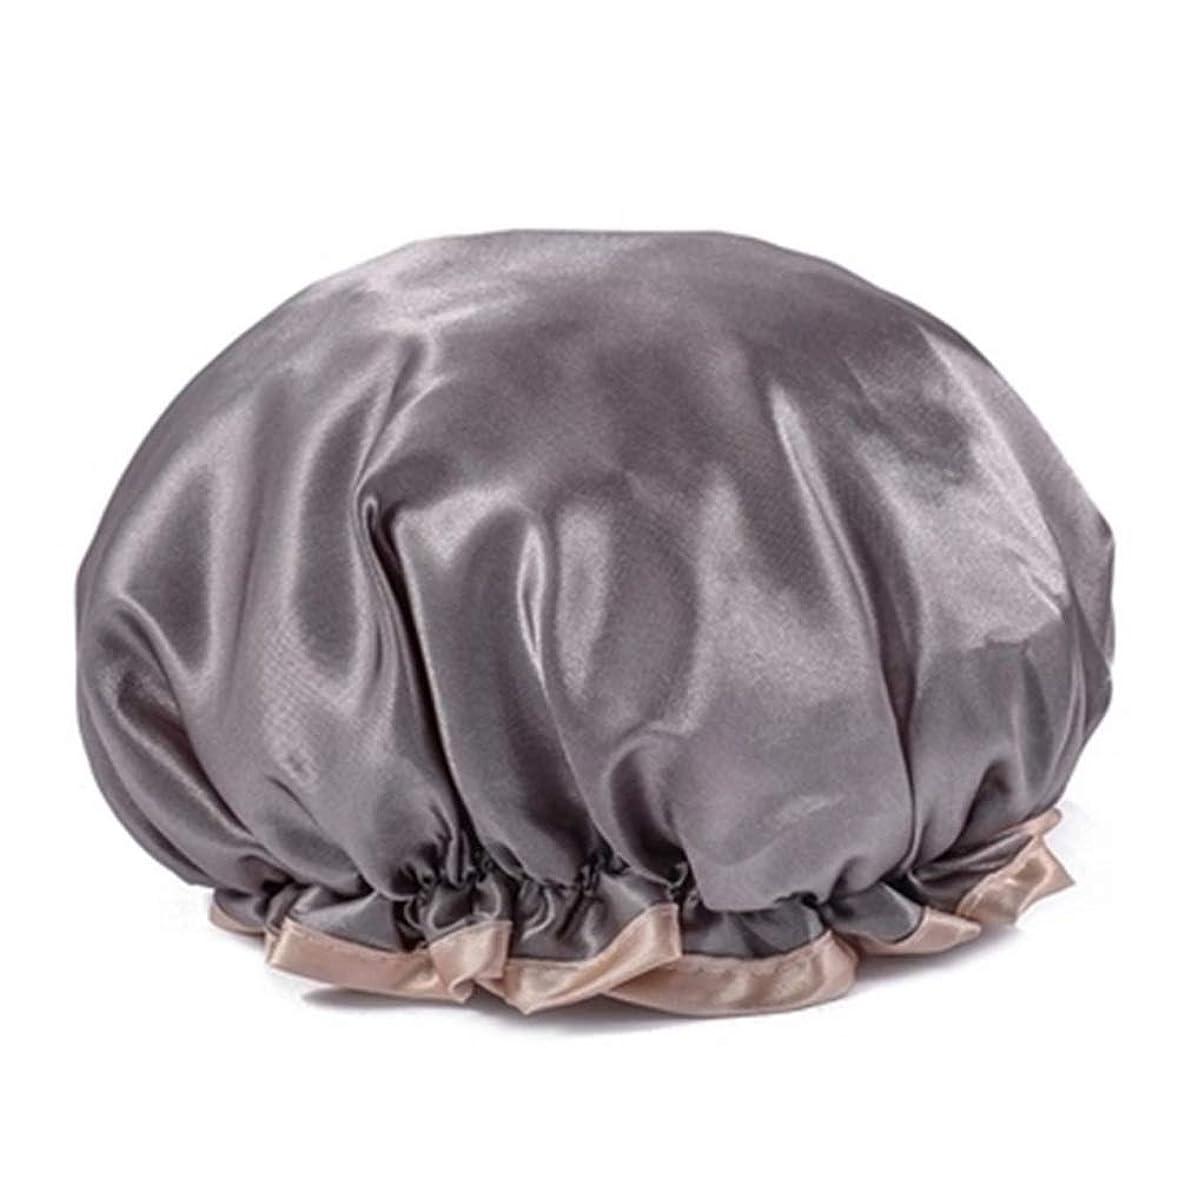 いわゆるトンヤギシャワーキャップ 可愛い ヘアキャップ フリーサイズ 防水帽 入浴チャップ 浴用帽子 サロンの髪を保護する帽子 お風呂 旅行セット 繰り返す使用可能 化粧帽 油煙を防ぐ ヘアーターバン (グレー)